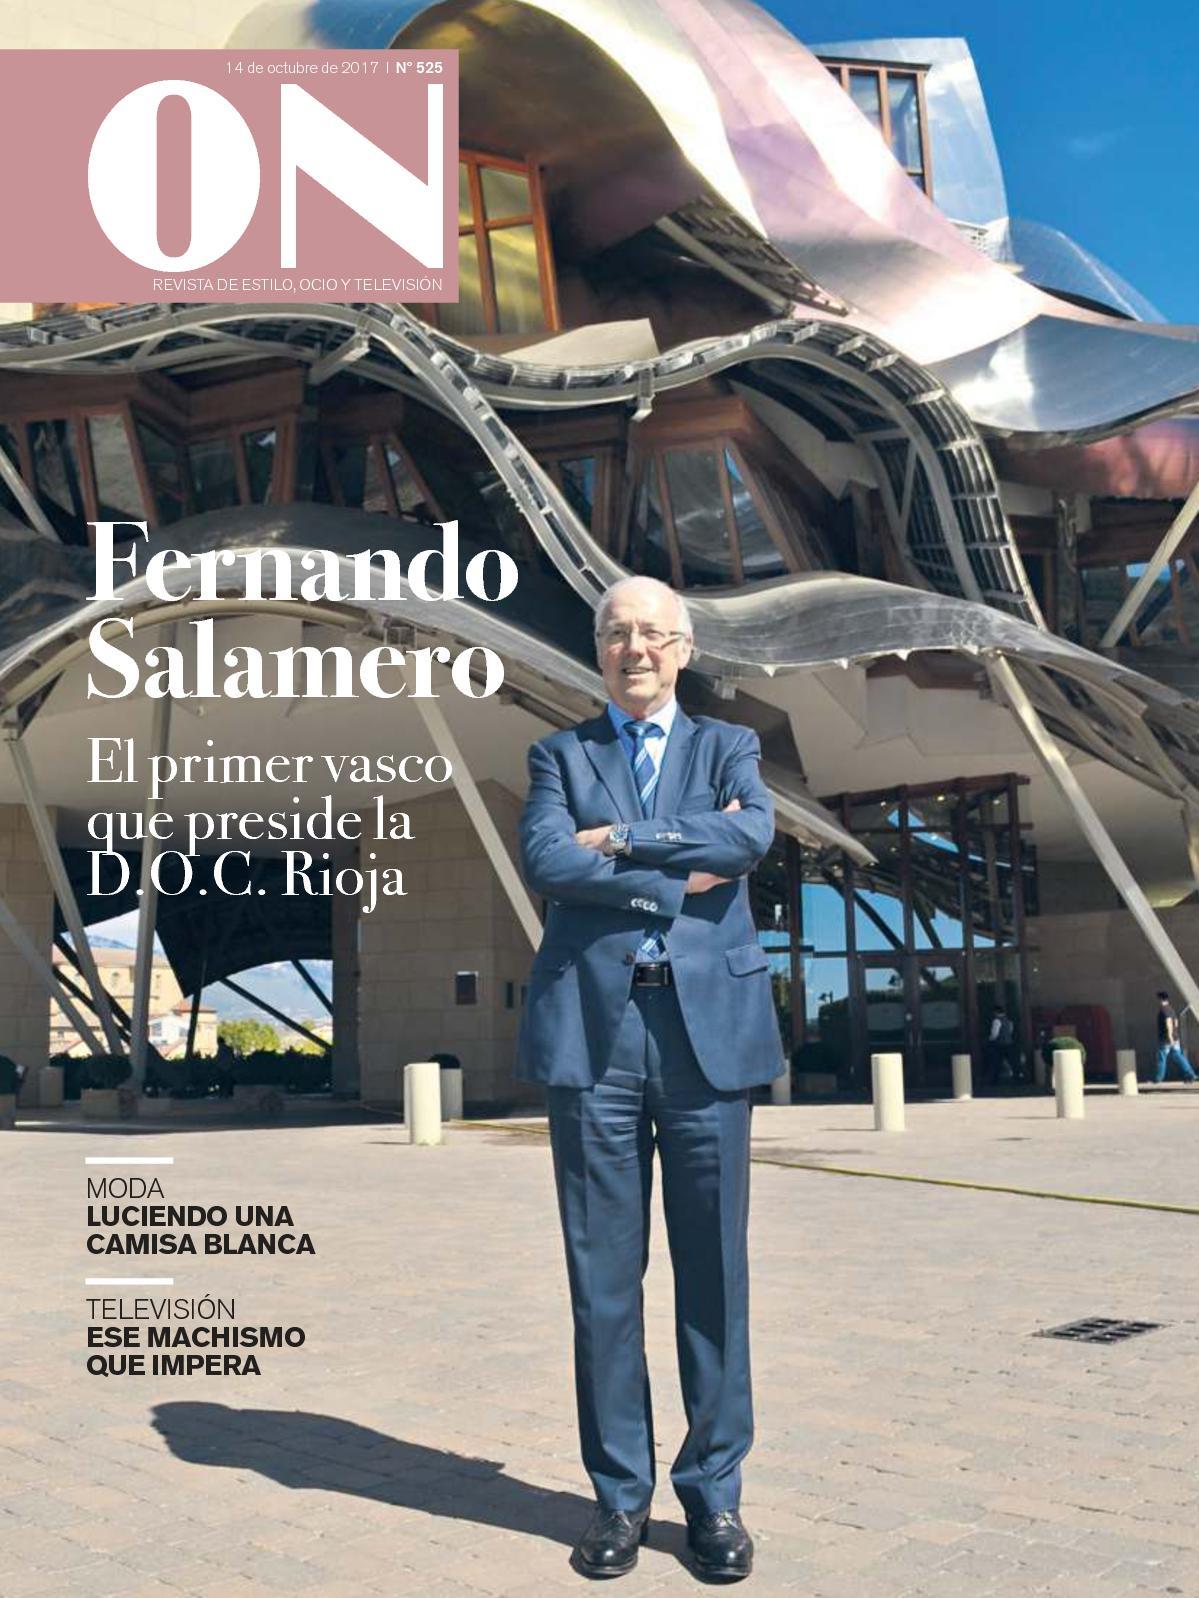 ON Revista de Ocio y Estilo 20171014